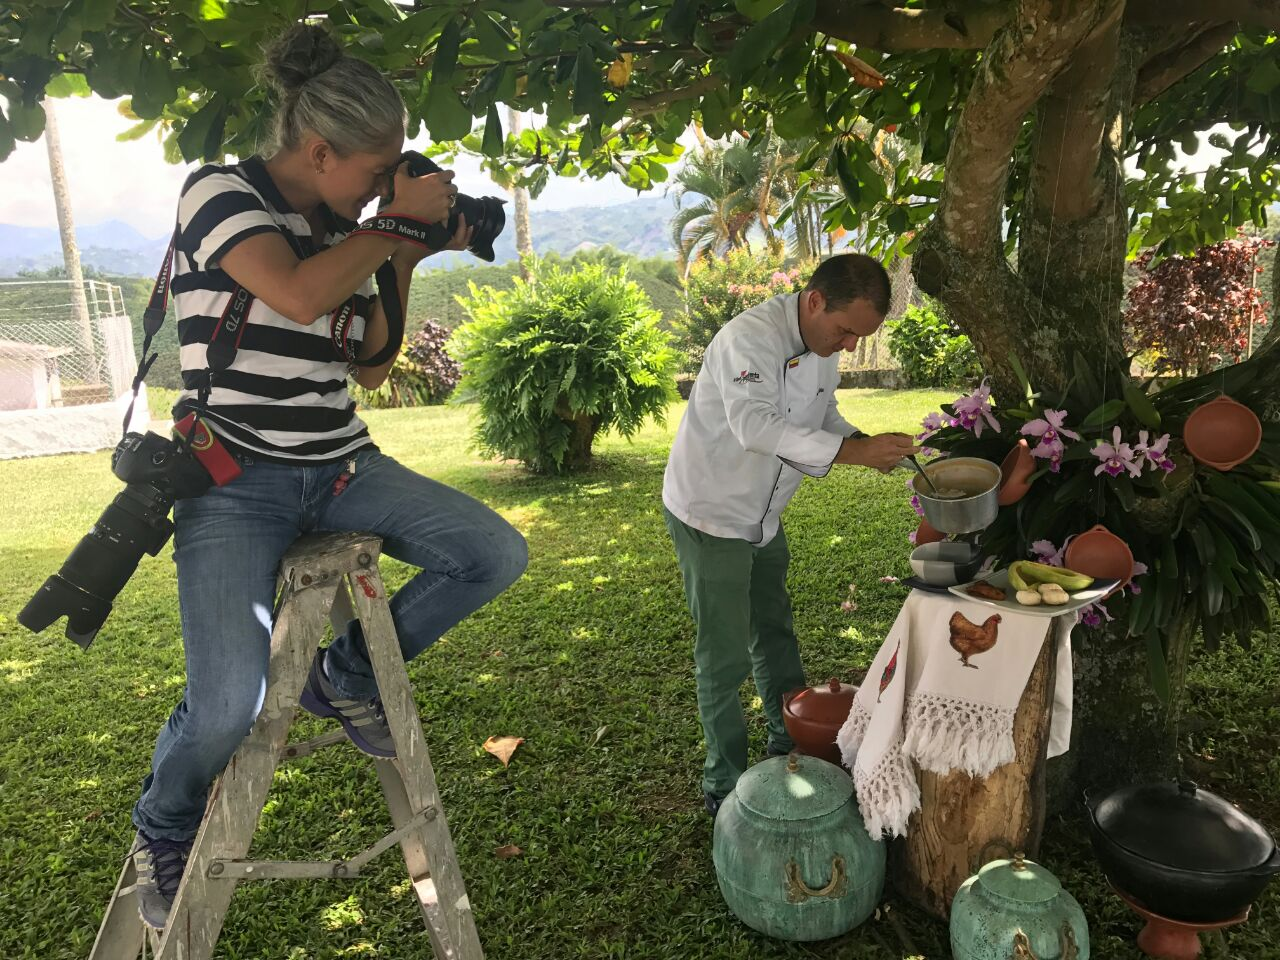 En Chinchiná en la finca San Nicolás, prepararon una sopa de arroz con albóndigas. Cortesía Editorial Pispirispis.